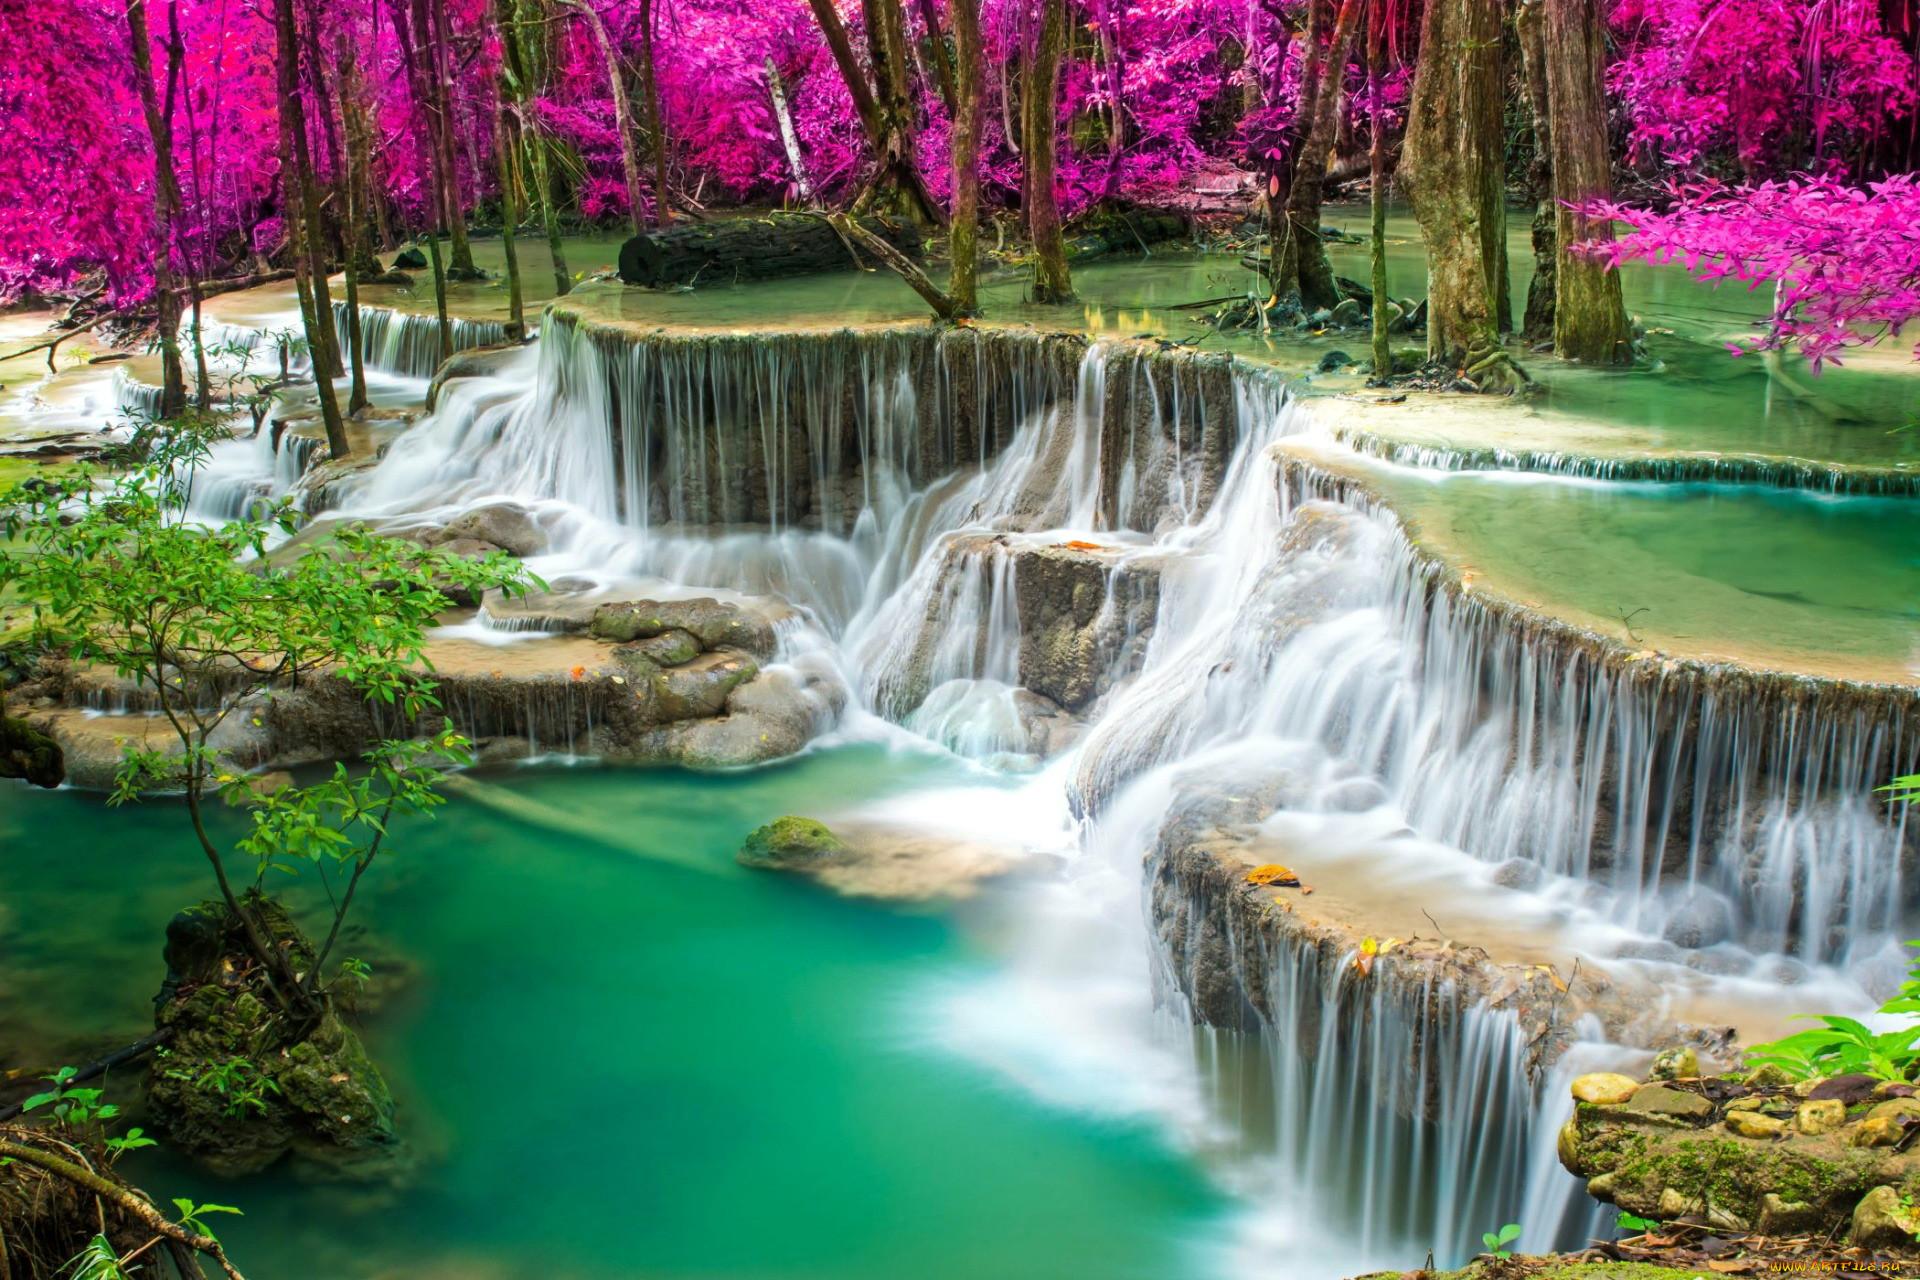 прошел картинки для рабочего стола природа водопады коттедж таганроге для